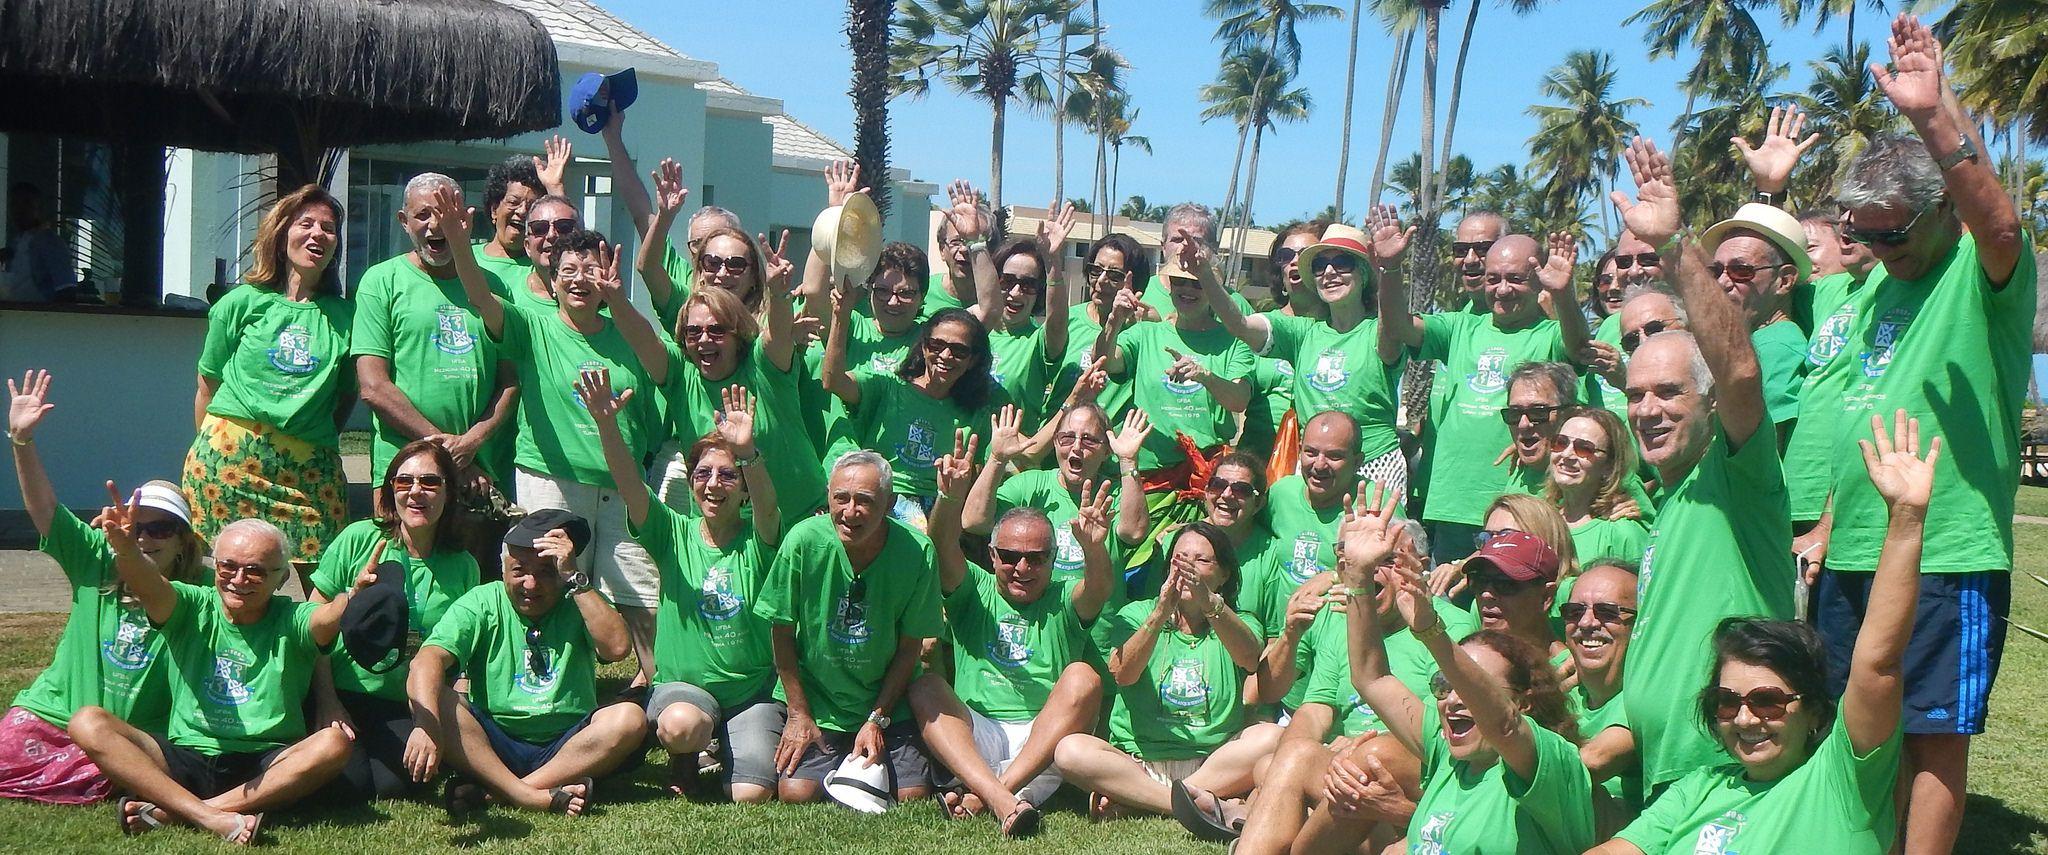 https://flic.kr/s/aHskMByZTM | FOTOS (34) + VÍDEO (1) - FAMED 76 (Medicina) - Iberostar Hotels & Resorts - Salvador-Bahia-Brasil - Dezembro de 2016 | FOTOS (34) + VÍDEO (1) - FAMED 76 (Medicina) - Iberostar Hotels & Resorts - Salvador-Bahia-Brasil - Dezembro de 2016